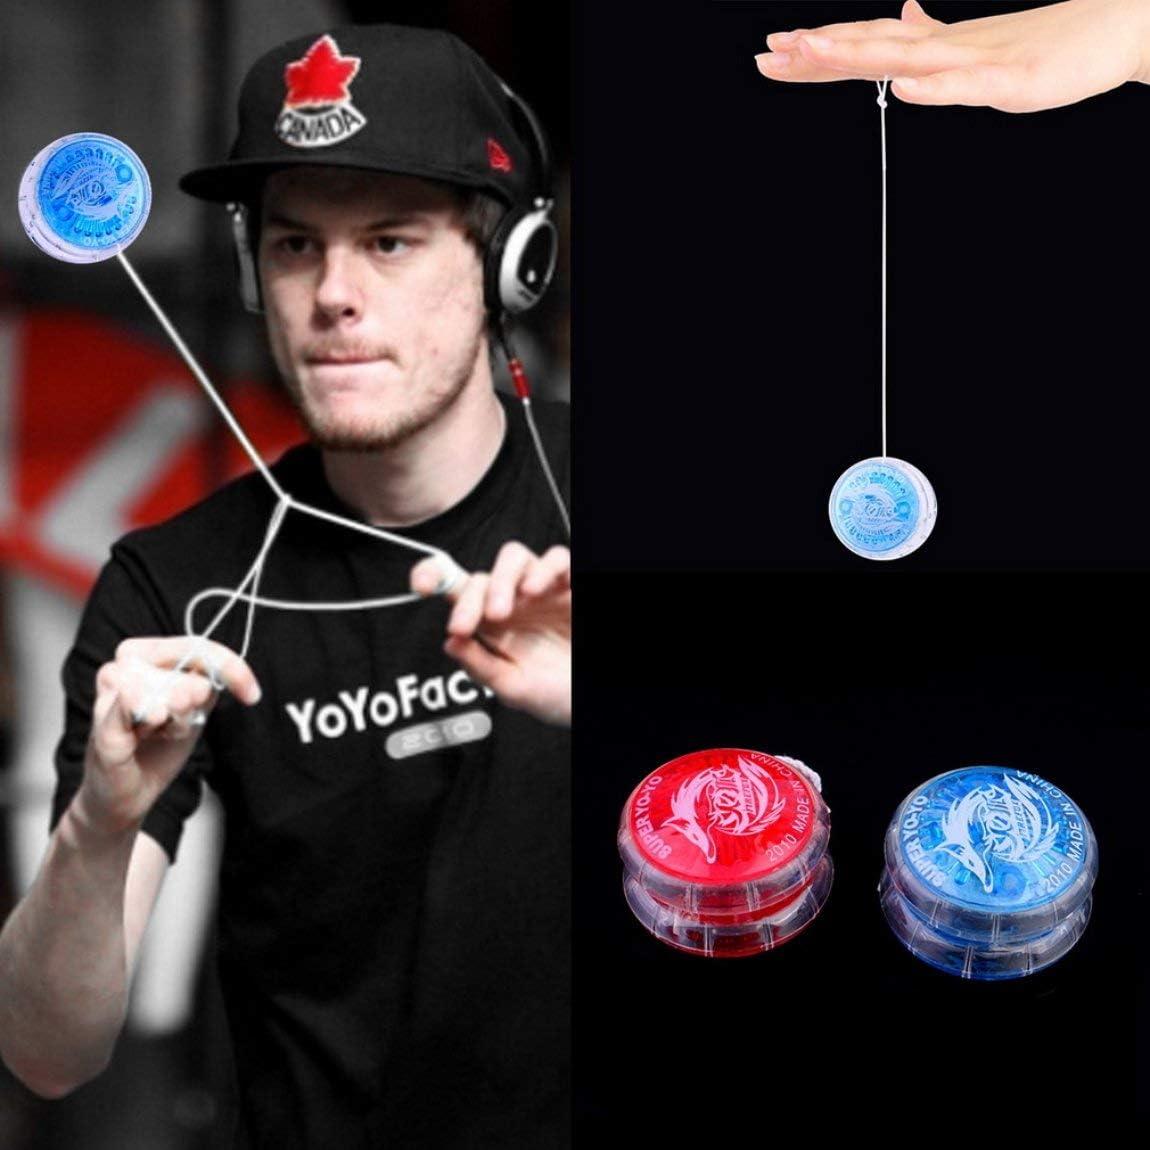 Casuale 73JohnPol Creativo in plastica per Feste Yo-Yo Ball Giocattoli Divertenti per Bambini Bambini Ragazzo Giocattoli Regalo Compatto Giocattolo Antistress Portatile